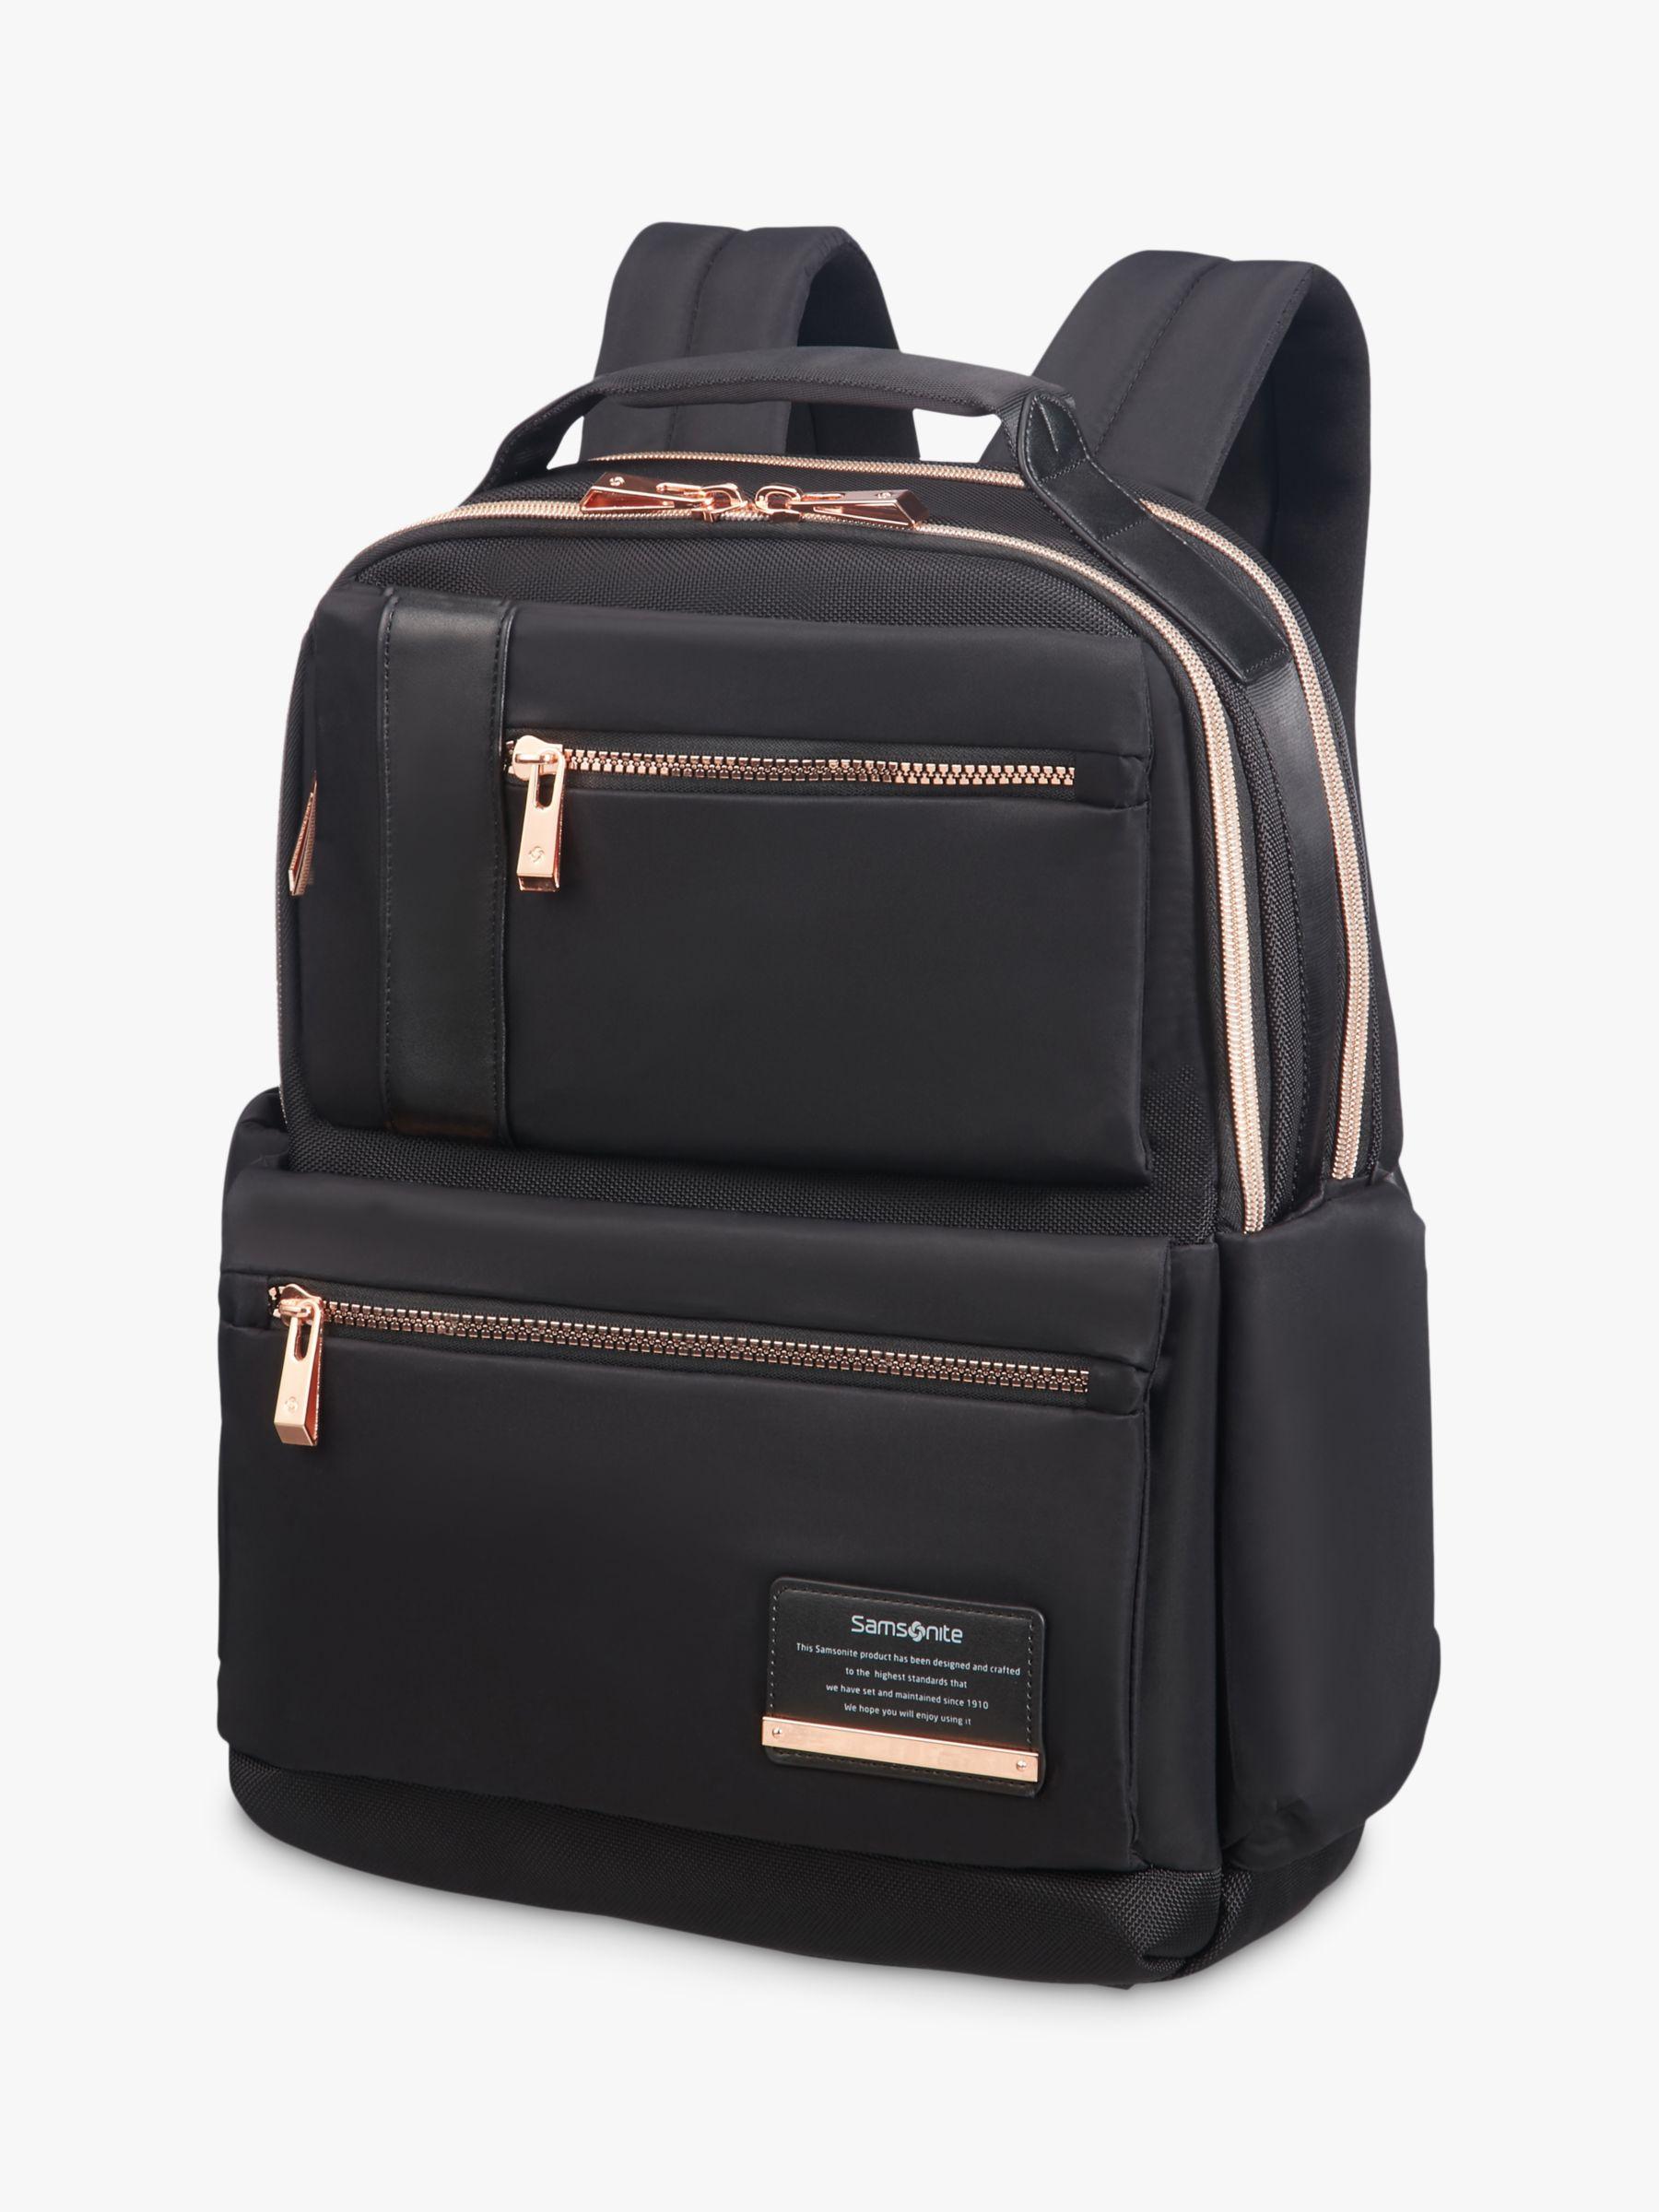 john lewis womens laptop bag